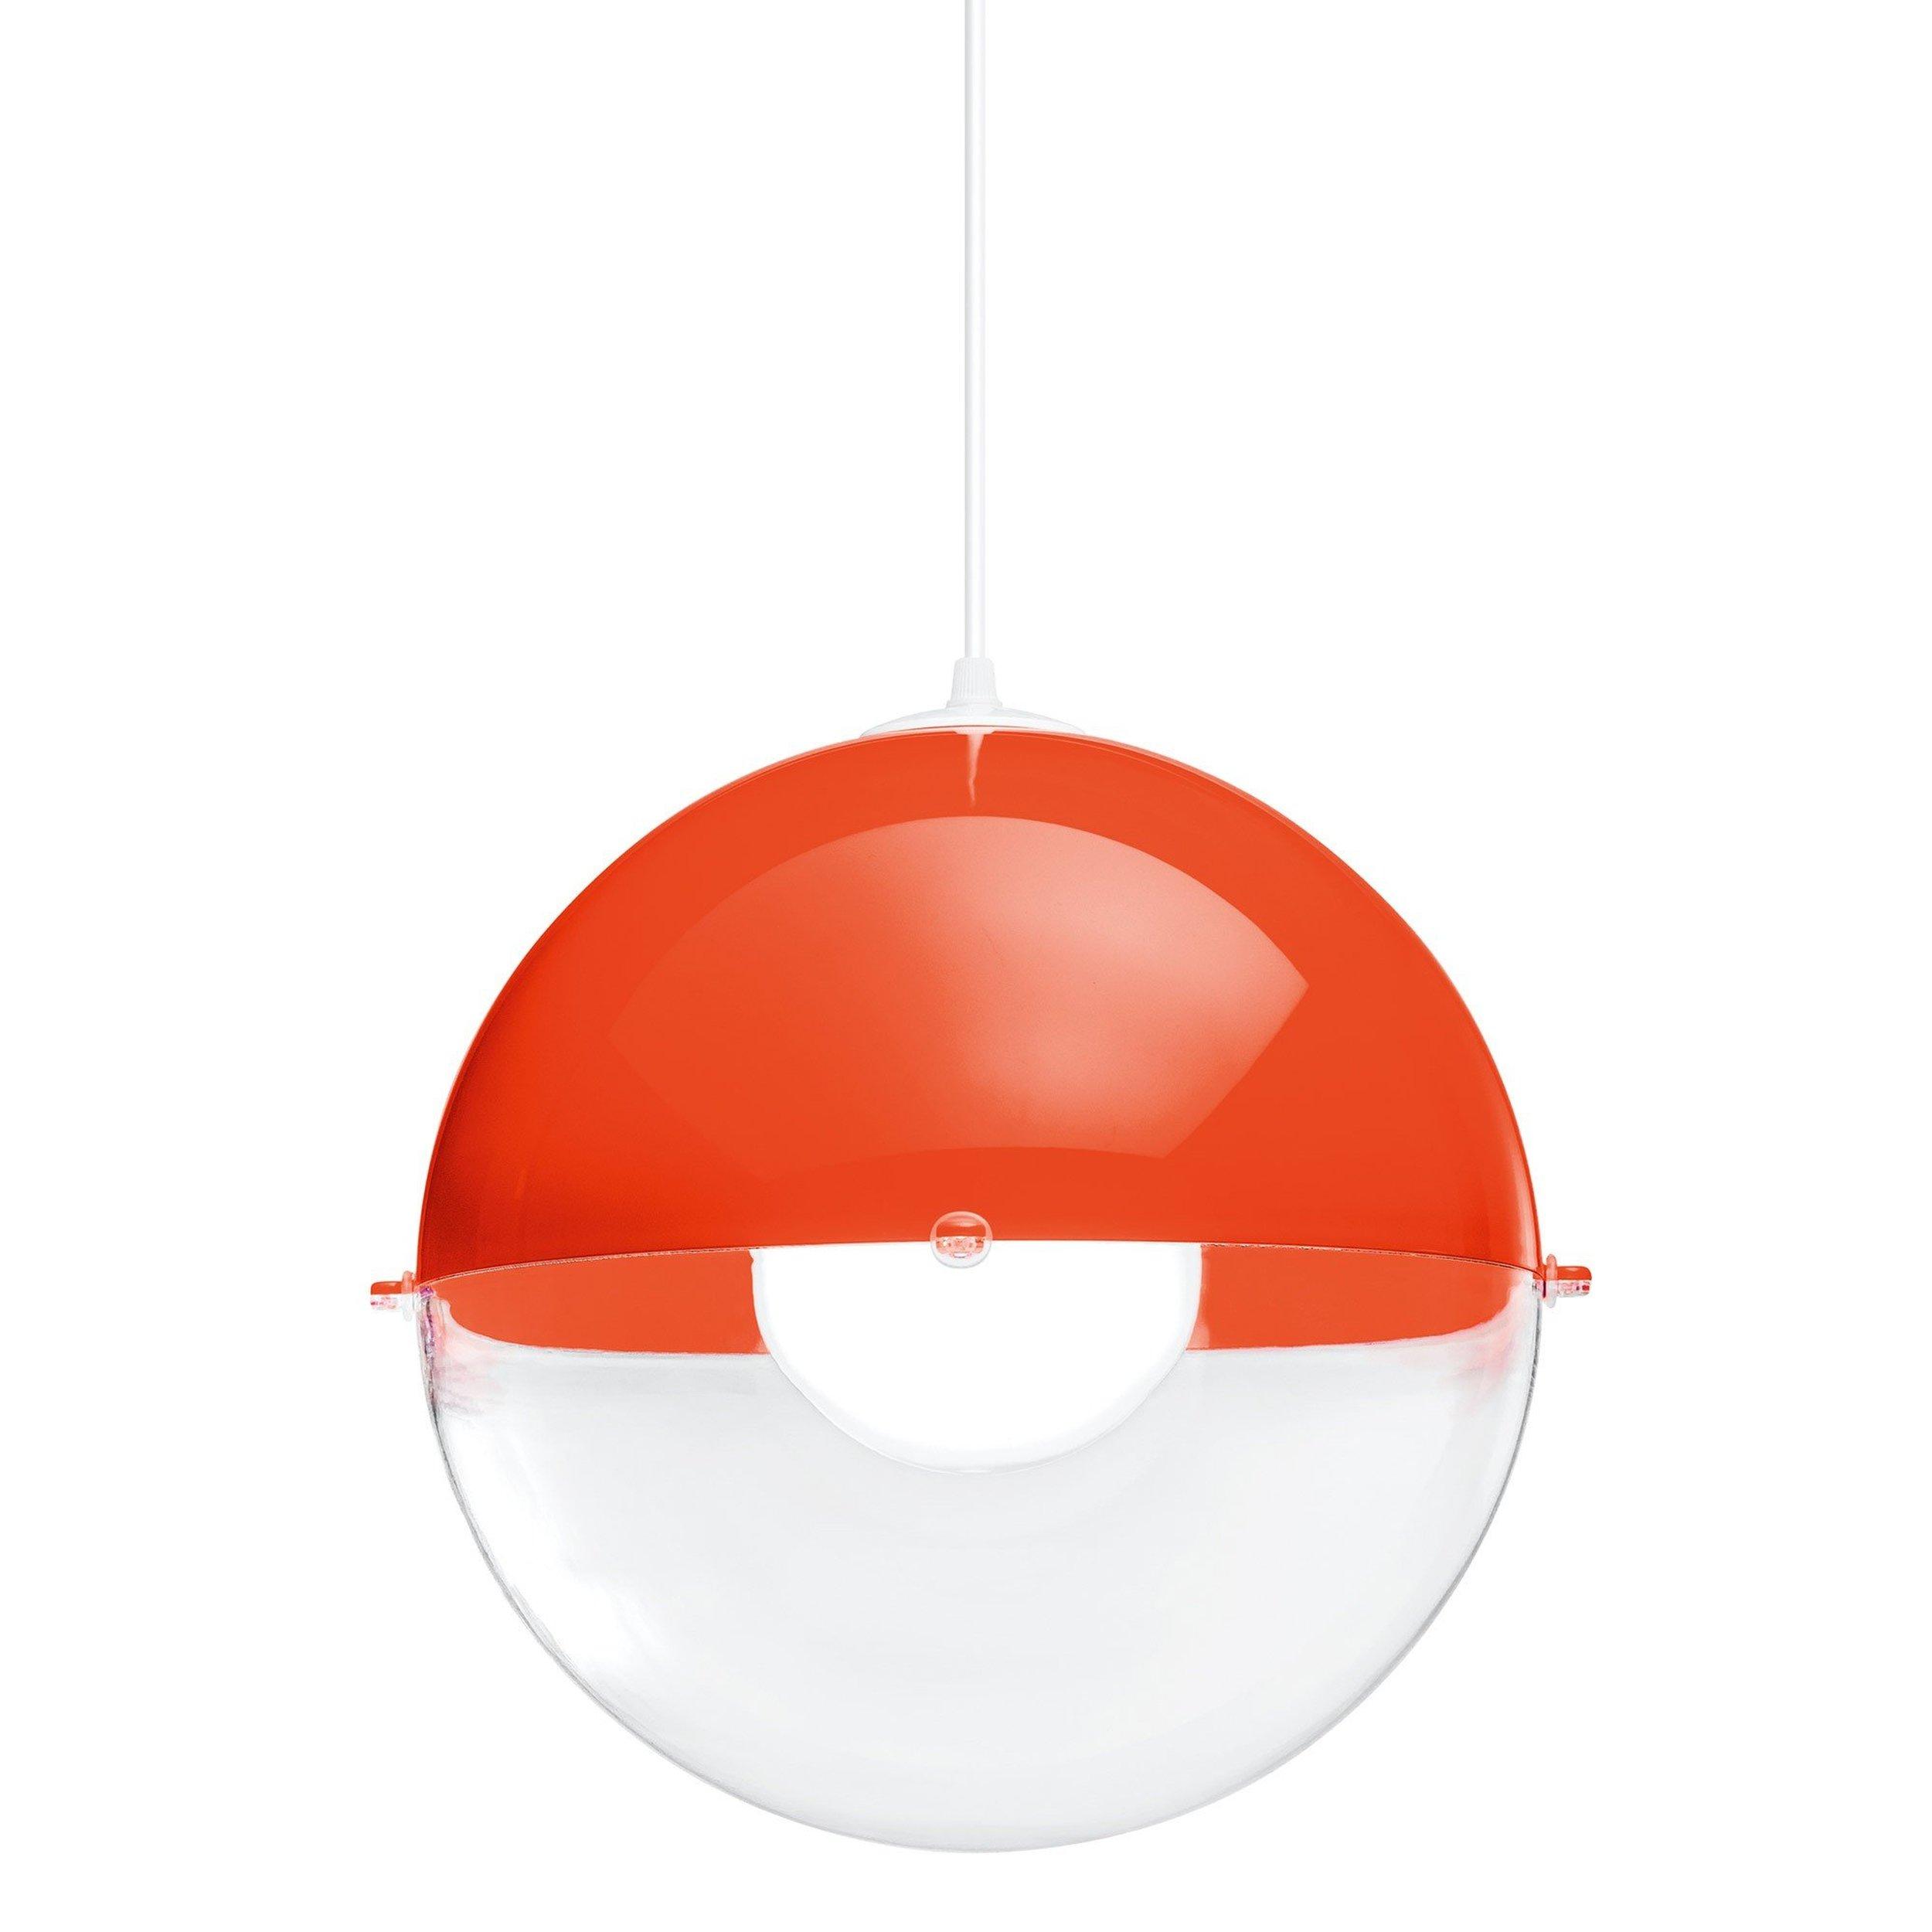 Lampa Orion pomarańczowoczerwona nieprzezroczysta